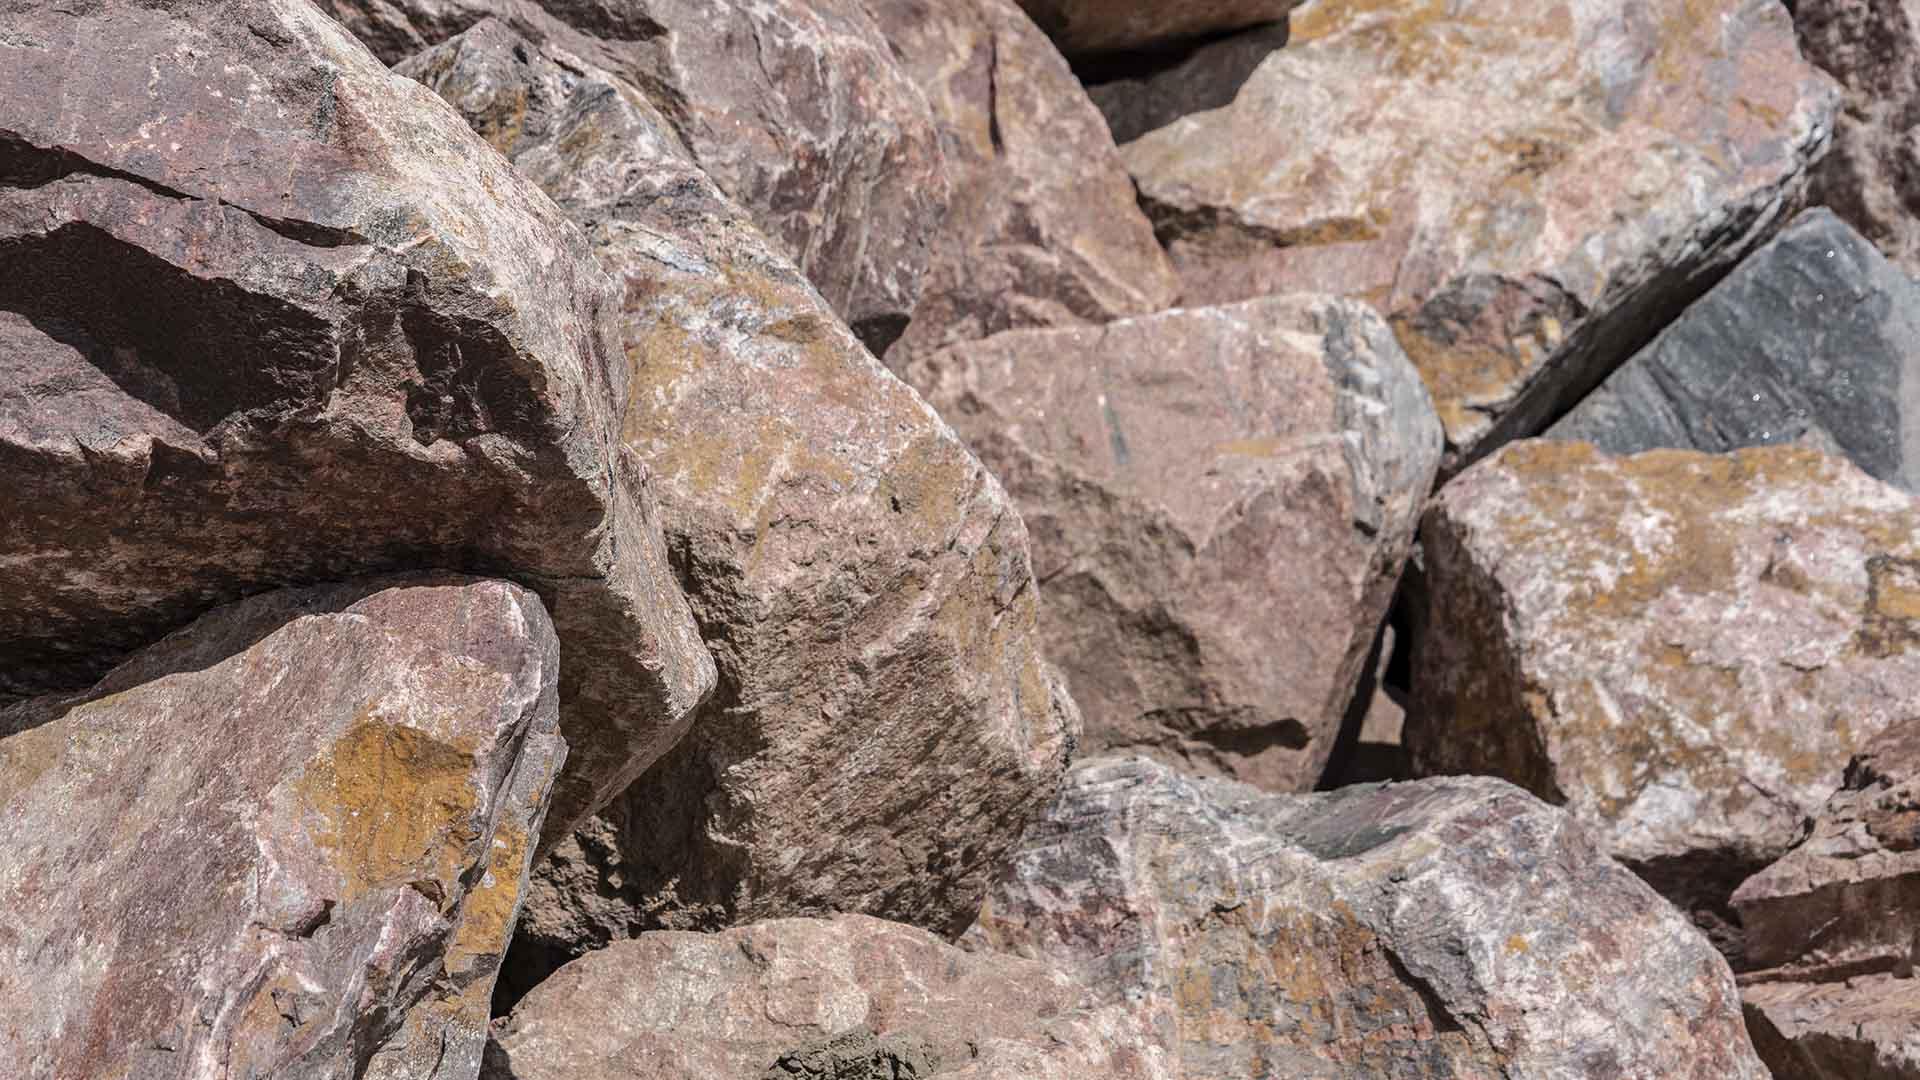 Royal Granite - 3 to 4 Foot Boulders